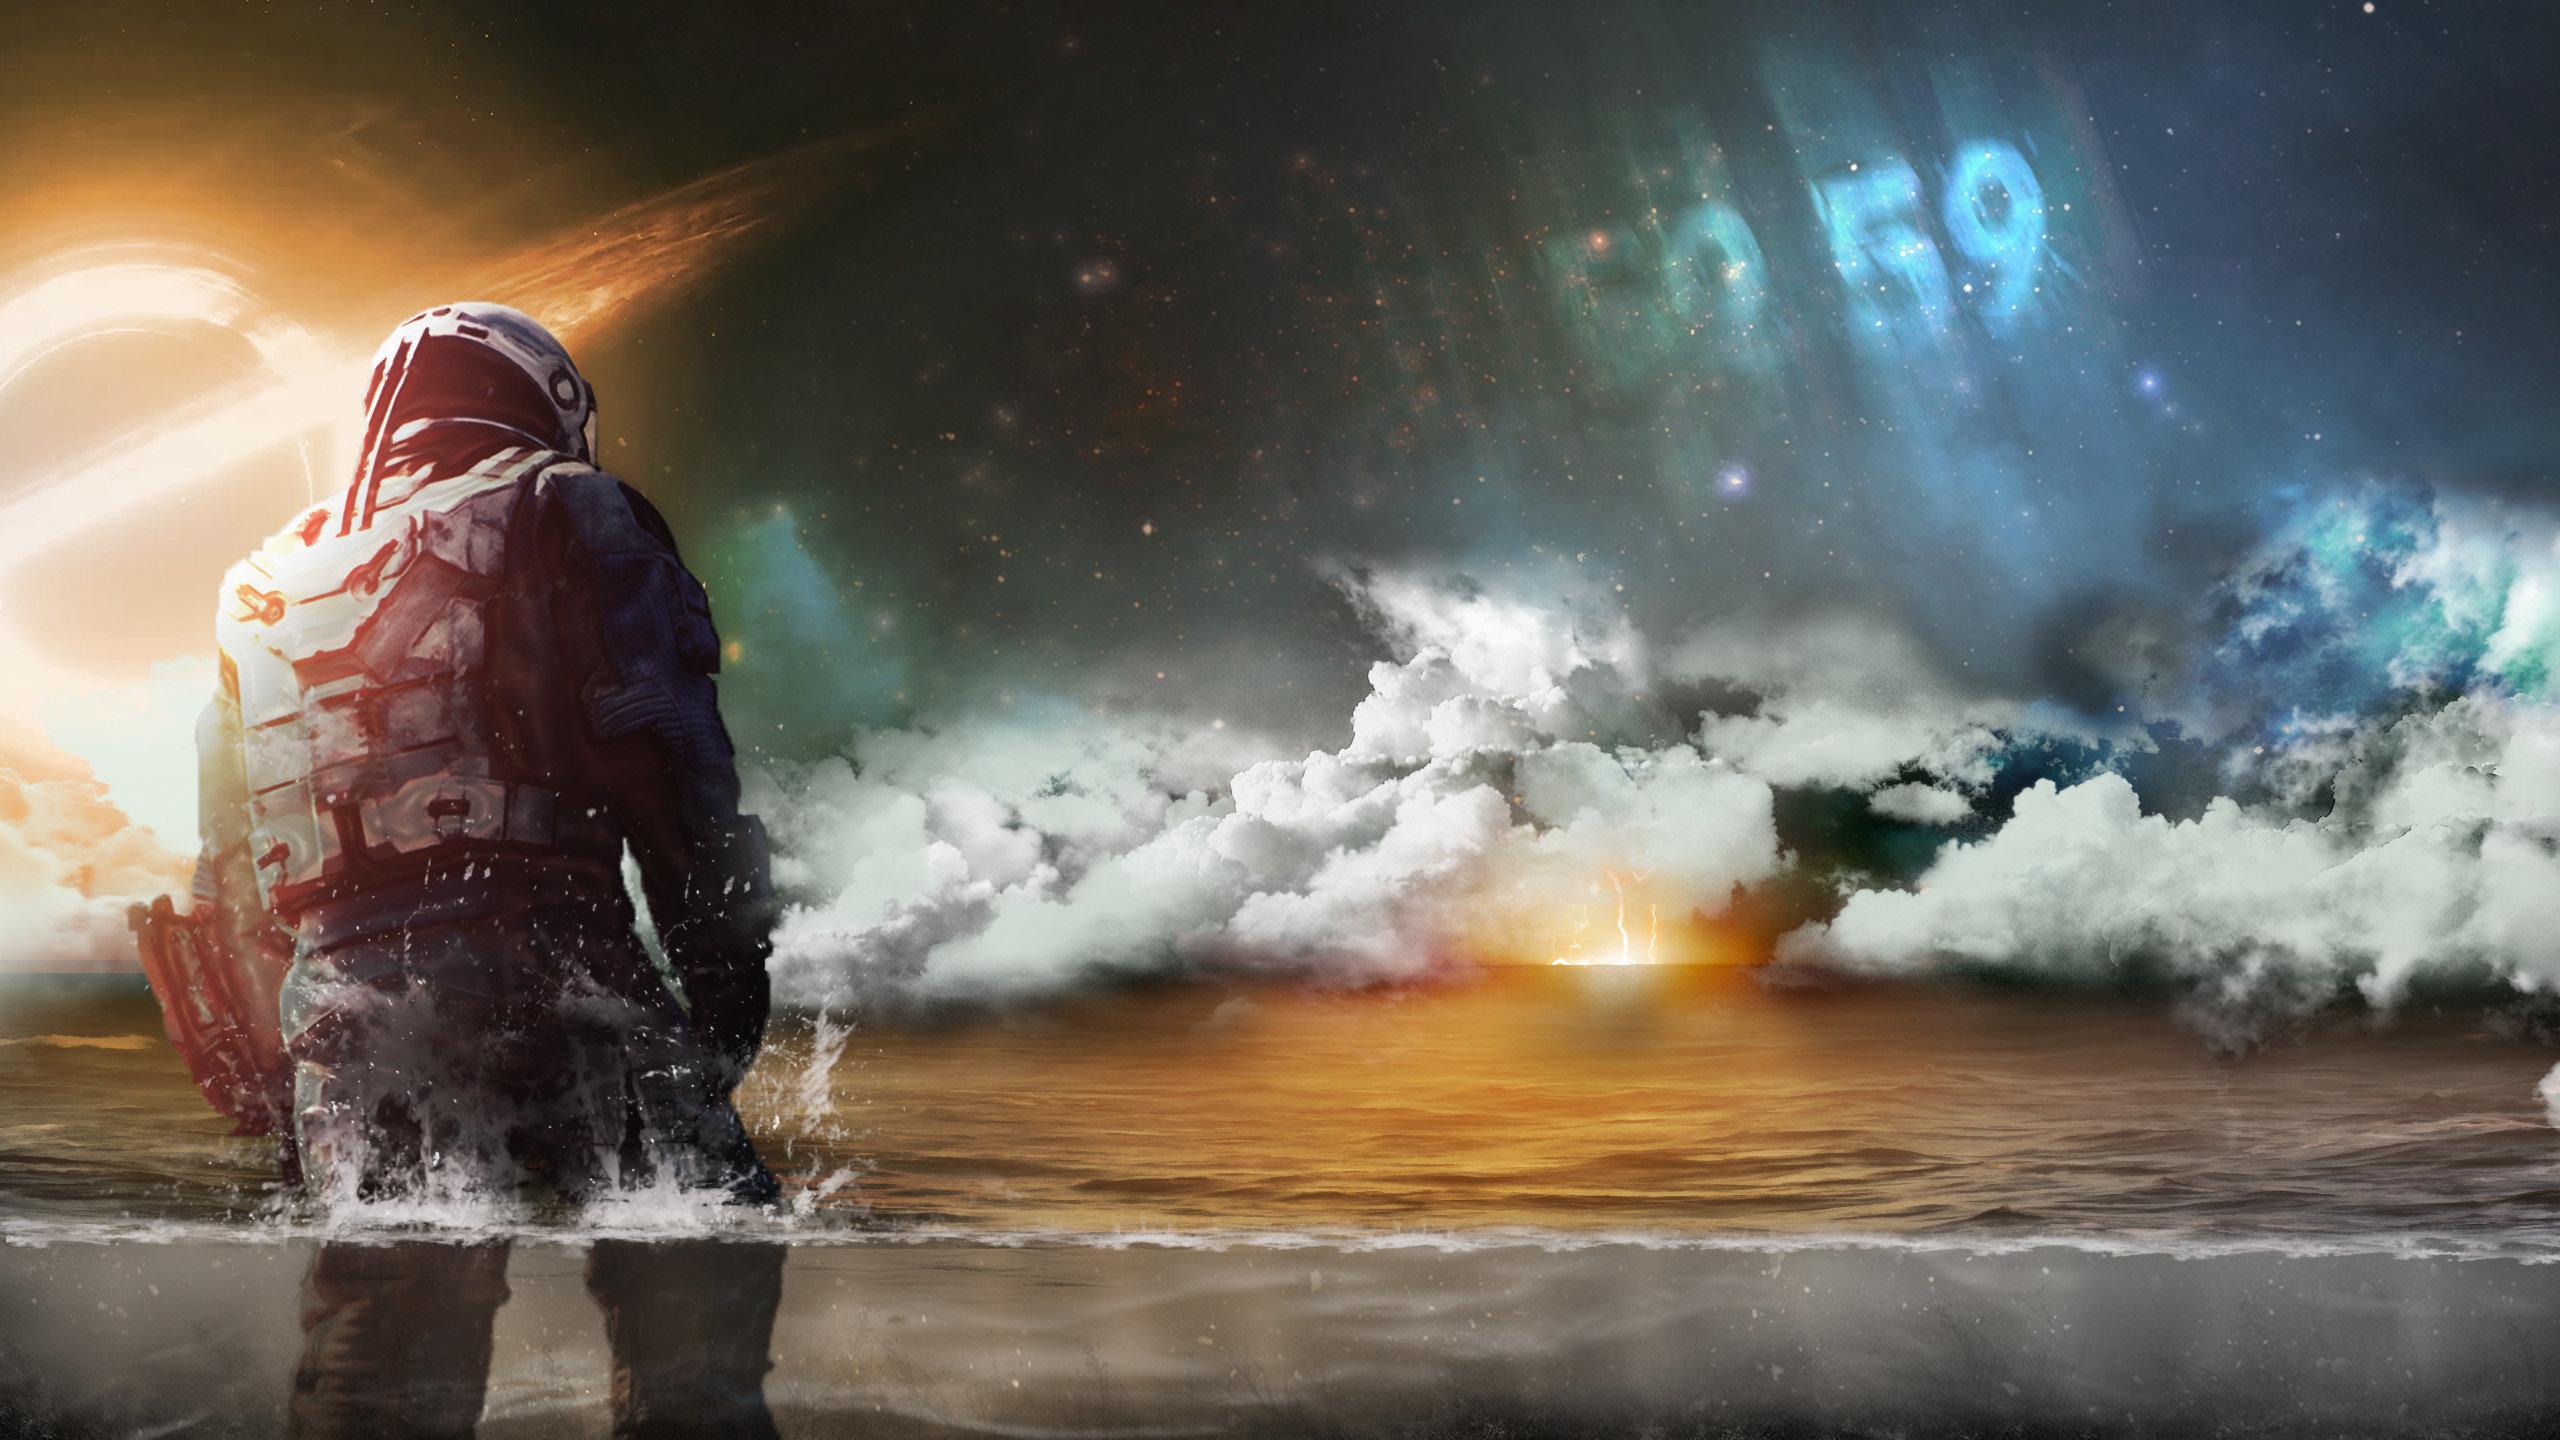 Download Hd 2560x1440 Interstellar Desktop Wallpaper Id